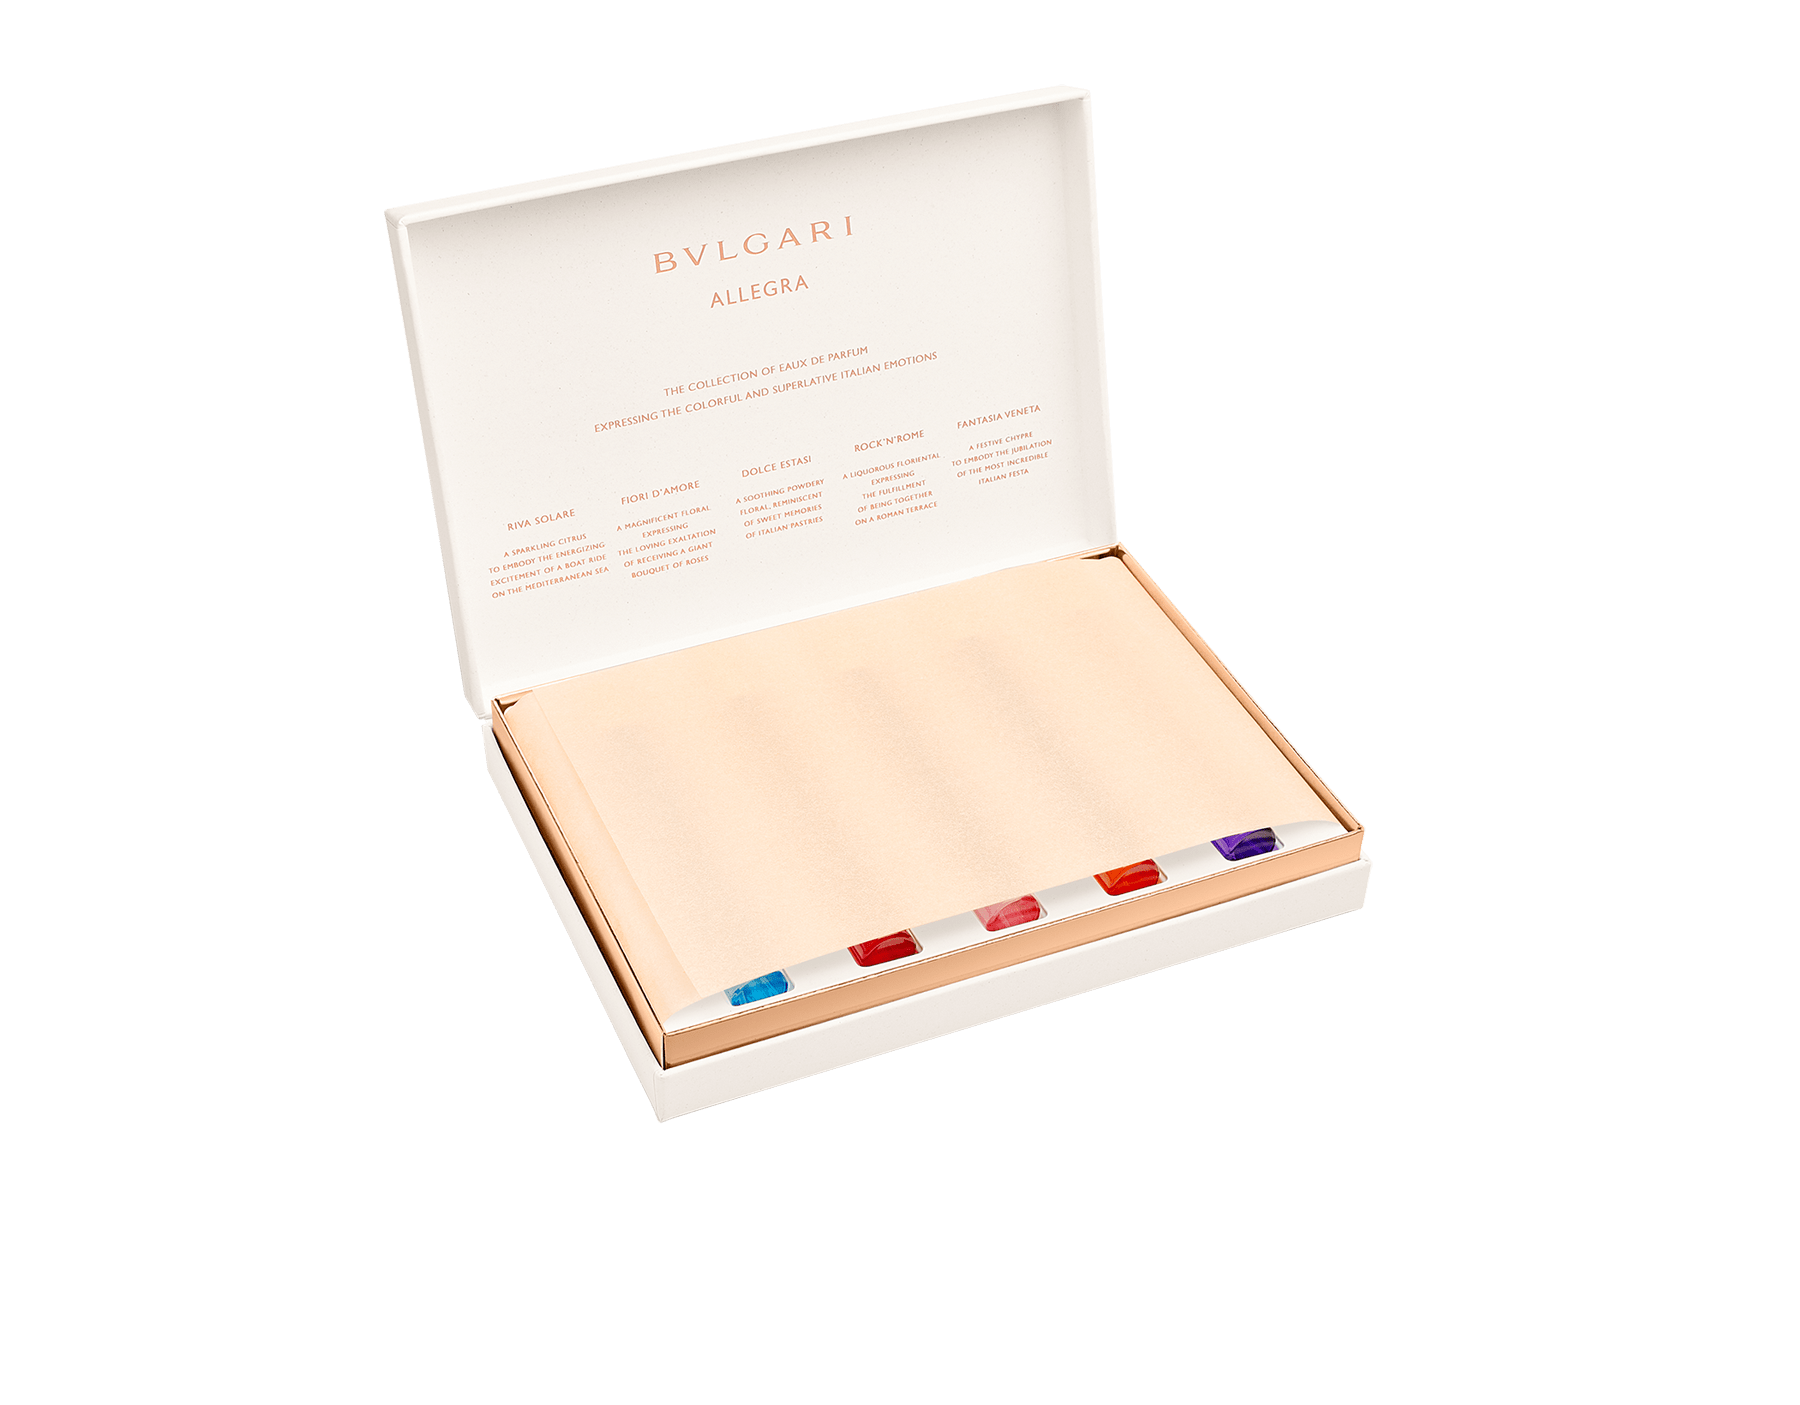 Das BVLGARI Allegra Kennenlern-Set umfasst fünf ausgewählte Eaux de Parfum, die für jeweils für ein intensives italienisches Gefühl stehen. 41291 image 3